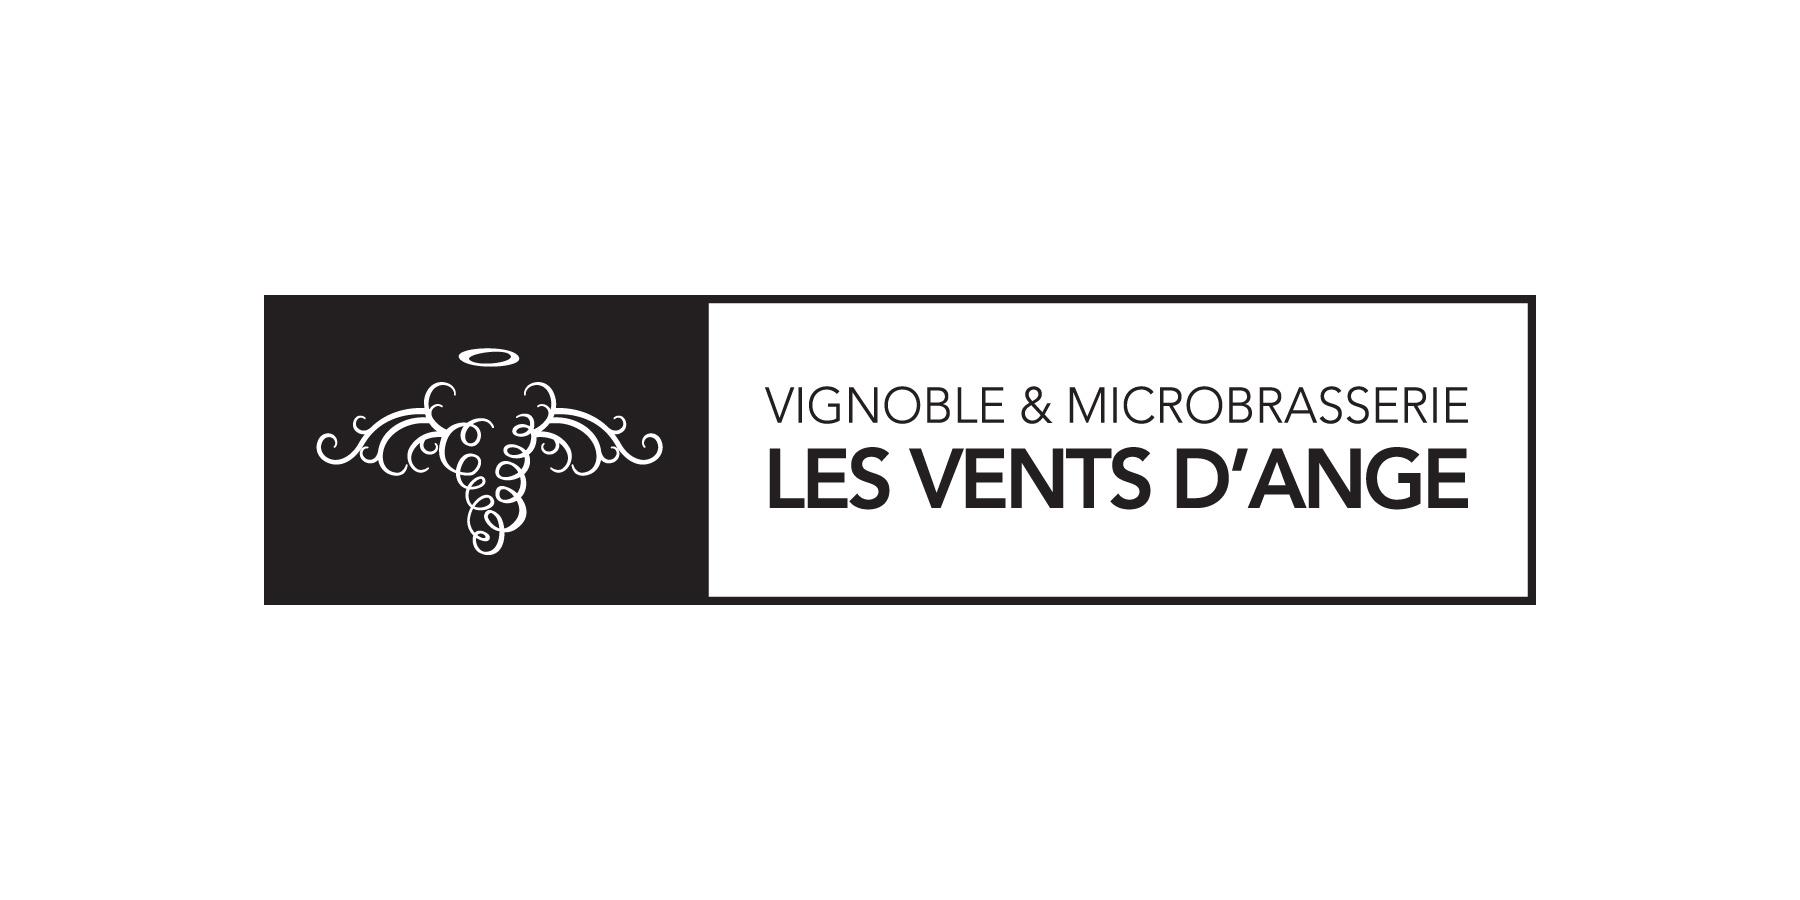 Vignoble & Microbrasserie Les Vents d'Ange